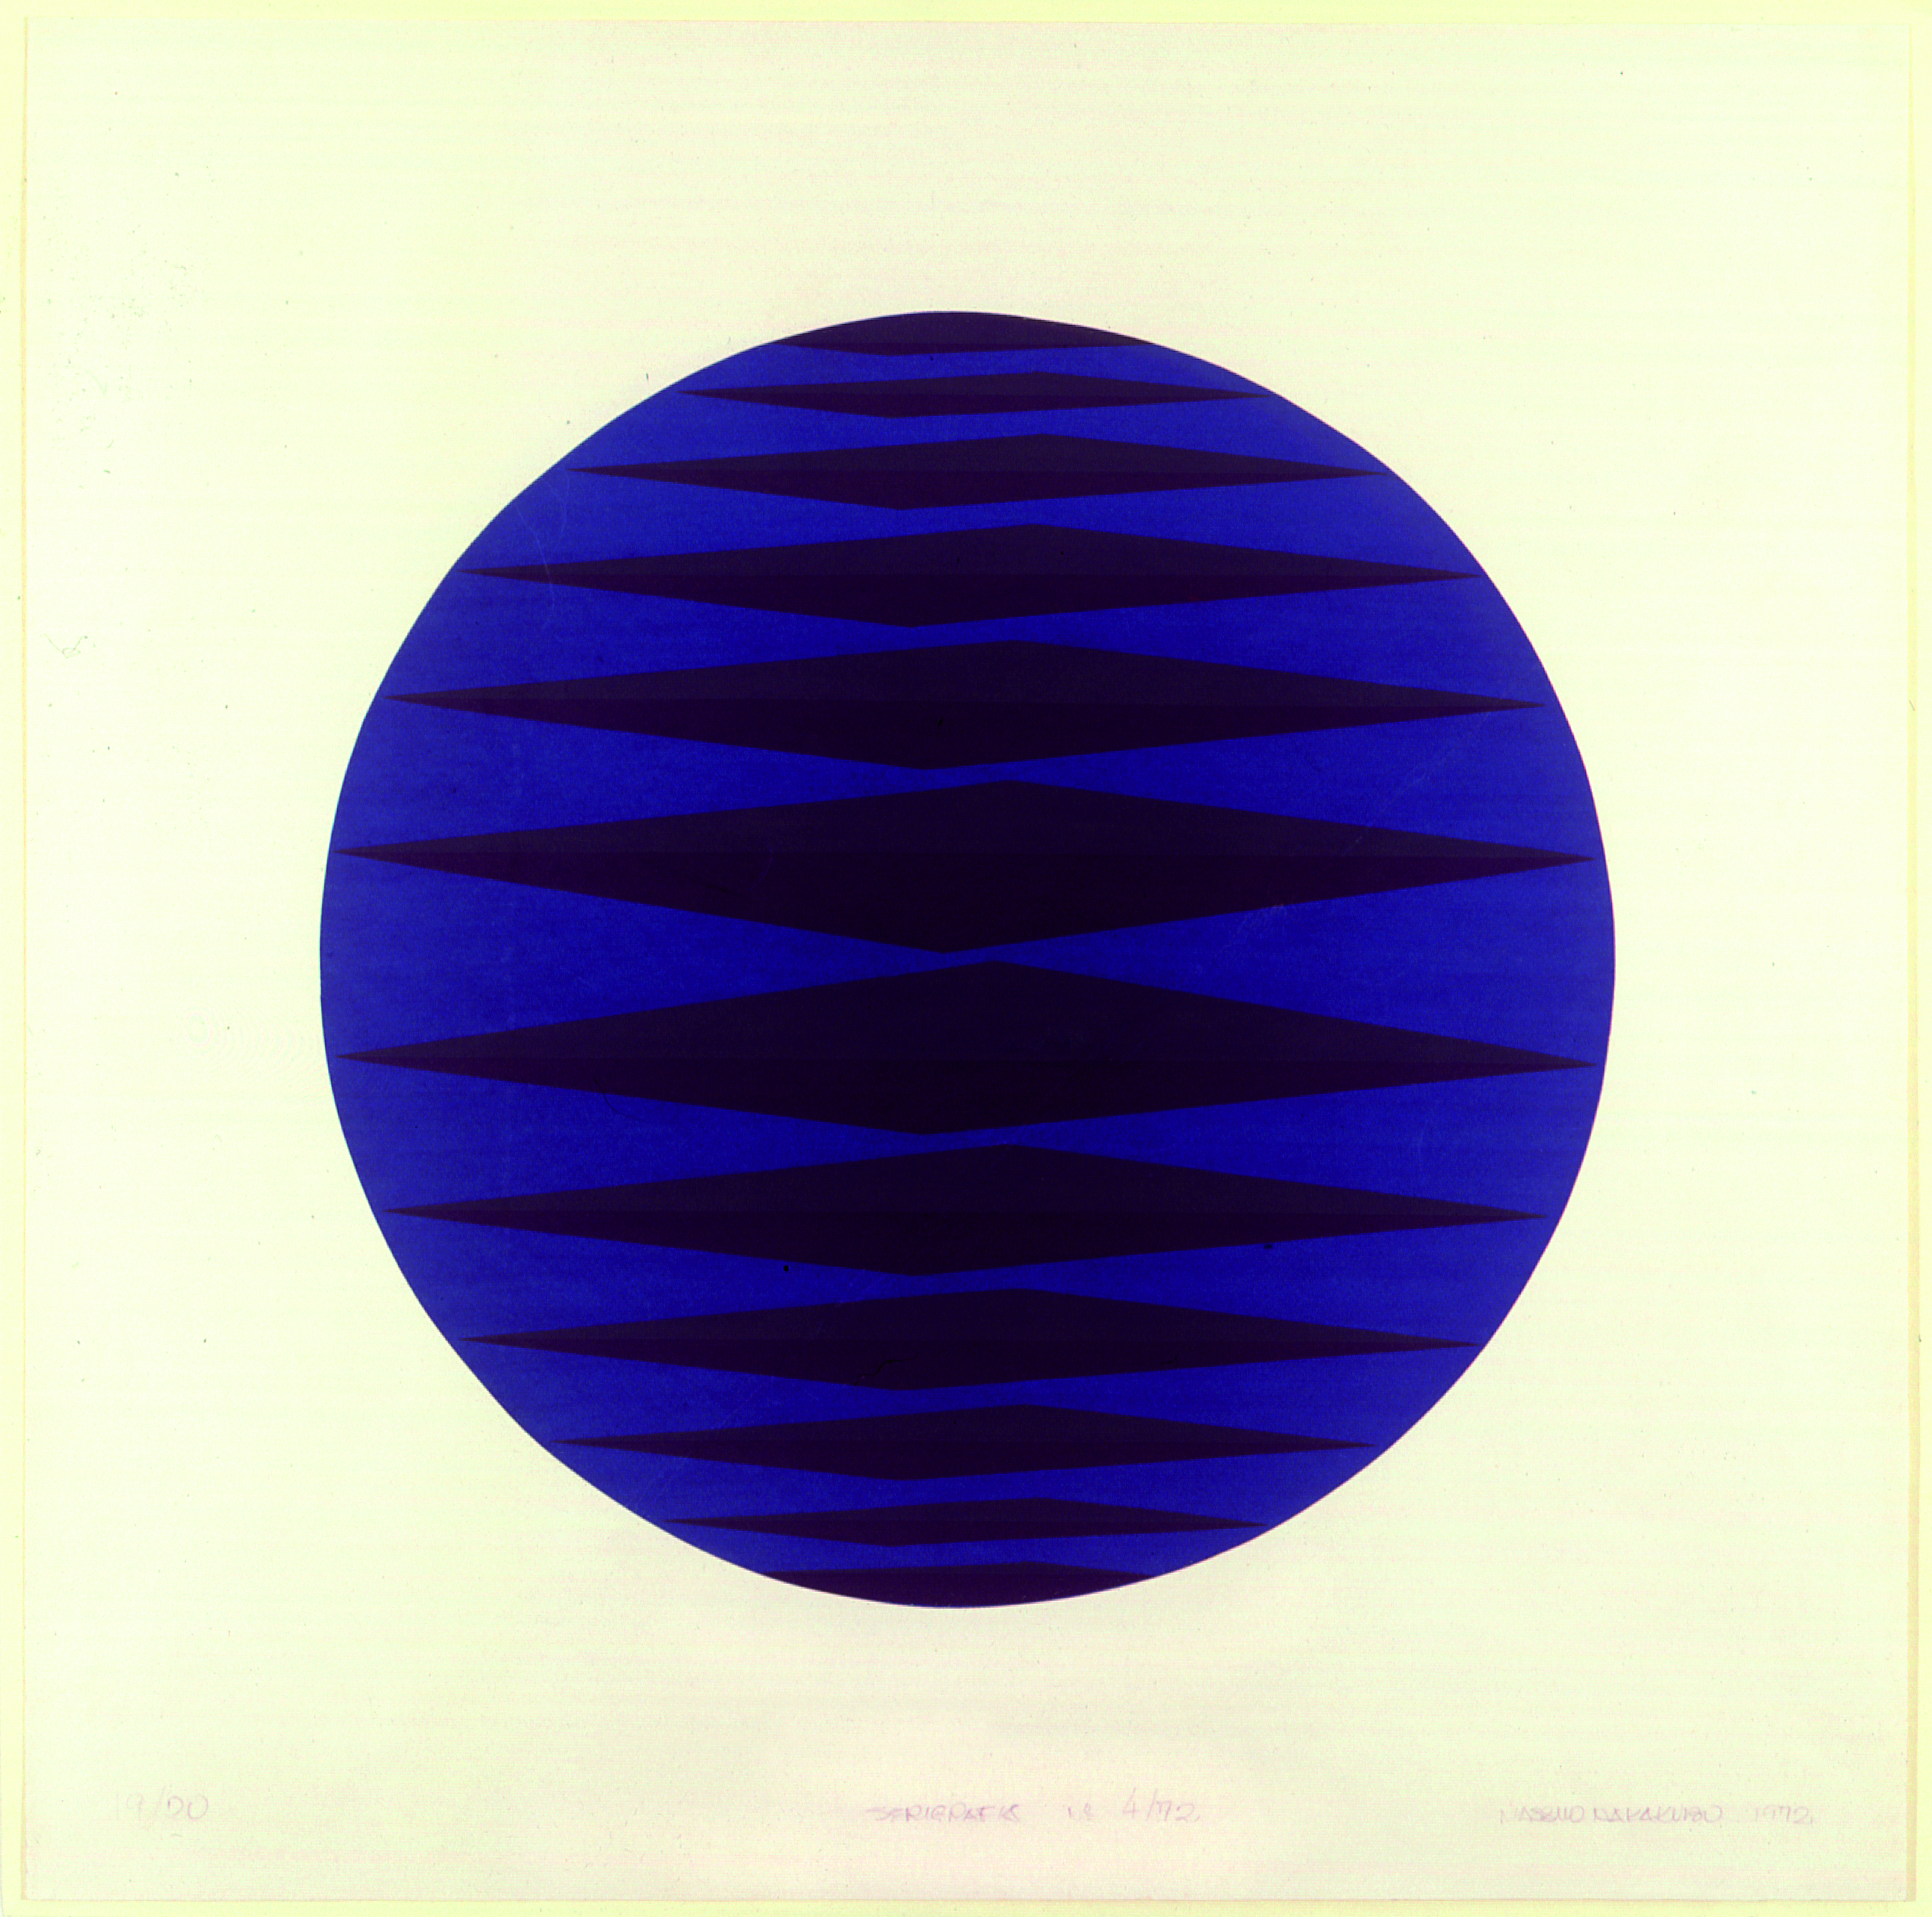 Serigrafia número – 4/72 Autor: Massuo Nakakubo Ano: 1972  Técnica: Serigrafia (19/20)  Dimensões: 0,50cm x 0,50cm